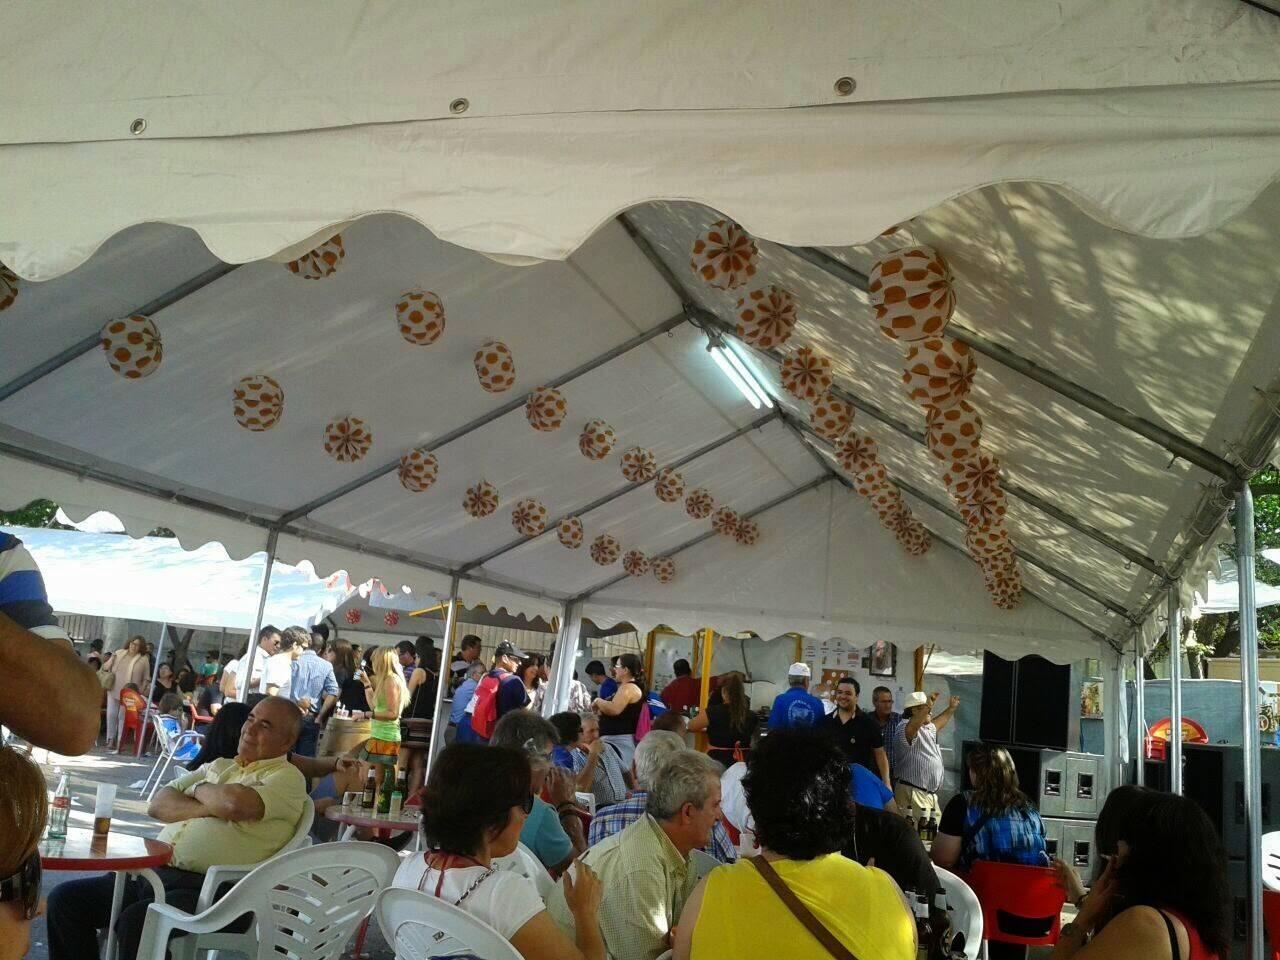 Panoramica de una de las carpas laterales de la Caseta del Santo - La caseta del santo, un éxito en la Feria y Fiestas 2014